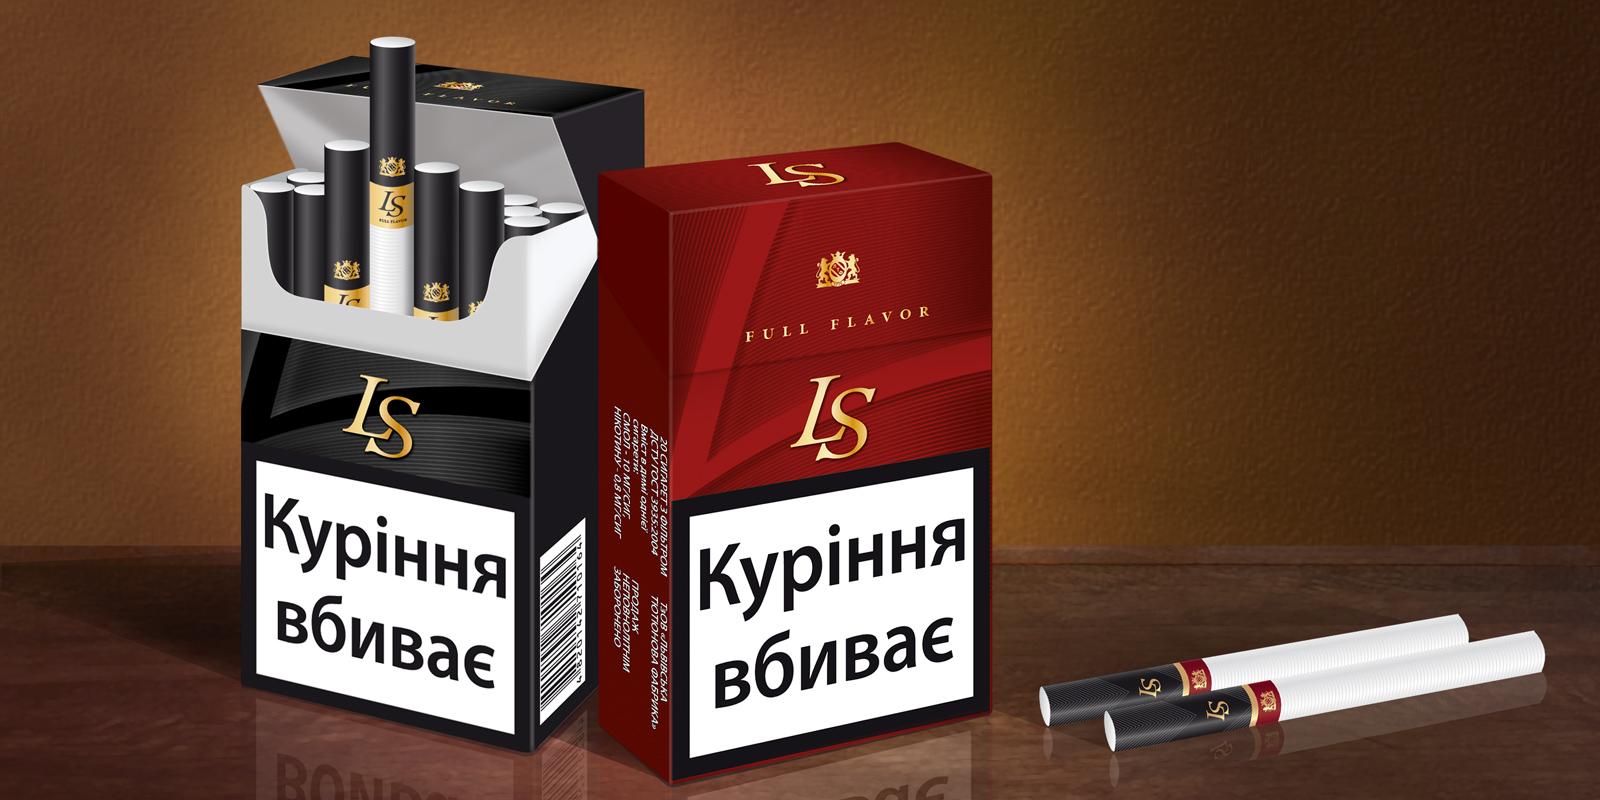 TM LS;;;;;;Разработка дизайна упаковки сигарет и сигареты ТМ LS full flavor ;;;;;;<span>Клиент:</span> Львовская табачная Фабрика;;;;;;;;;;;;Разработка дизайна упаковки сигарет и сигареты ТМ LS full flavor ;;;;;;2